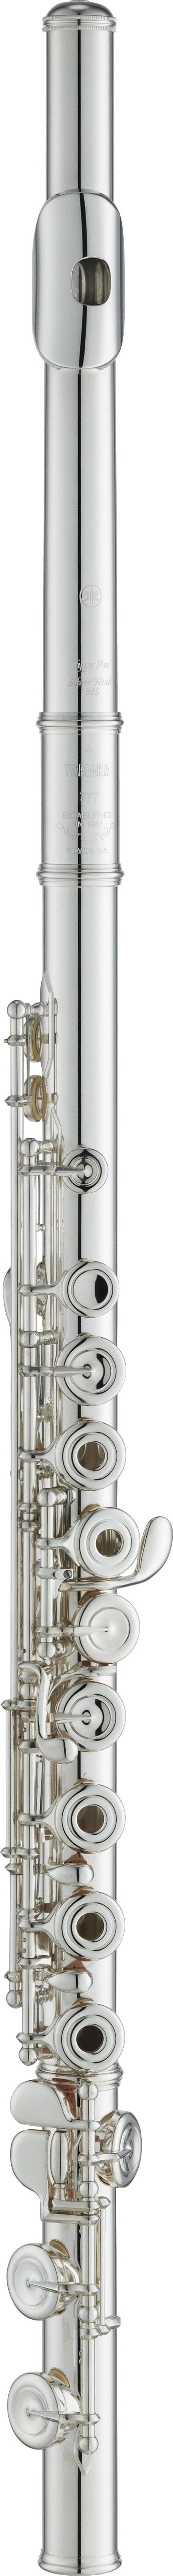 Yamaha - YFL - 777 - RCEO - Holzblasinstrumente - Flöten mit E-Mechanik | MUSIK BERTRAM Deutschland Freiburg